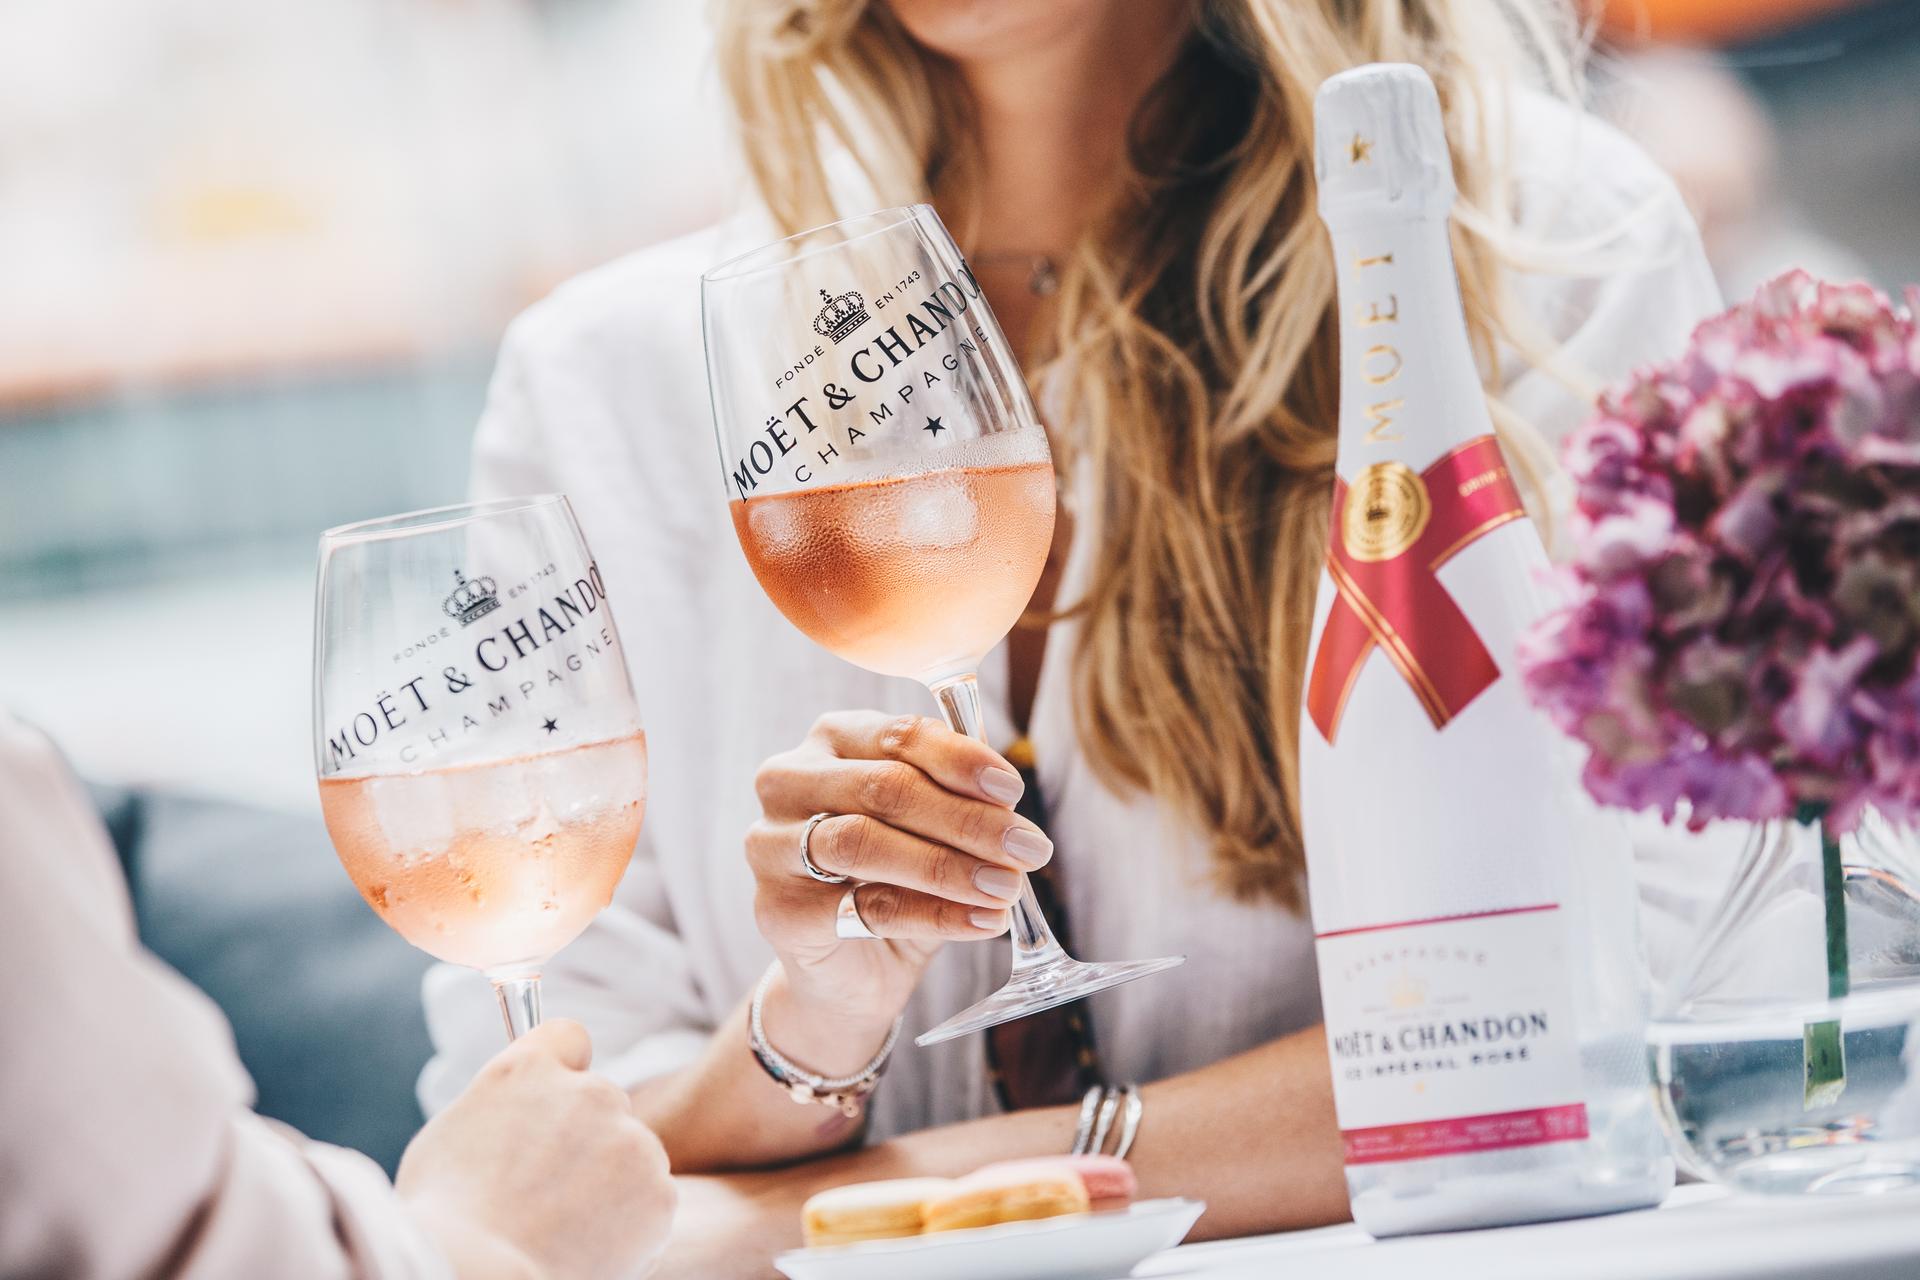 Moët & Chandon Ice Imperérial Rosè:«Un flûte di Champagne con ghiaccio per favore!»